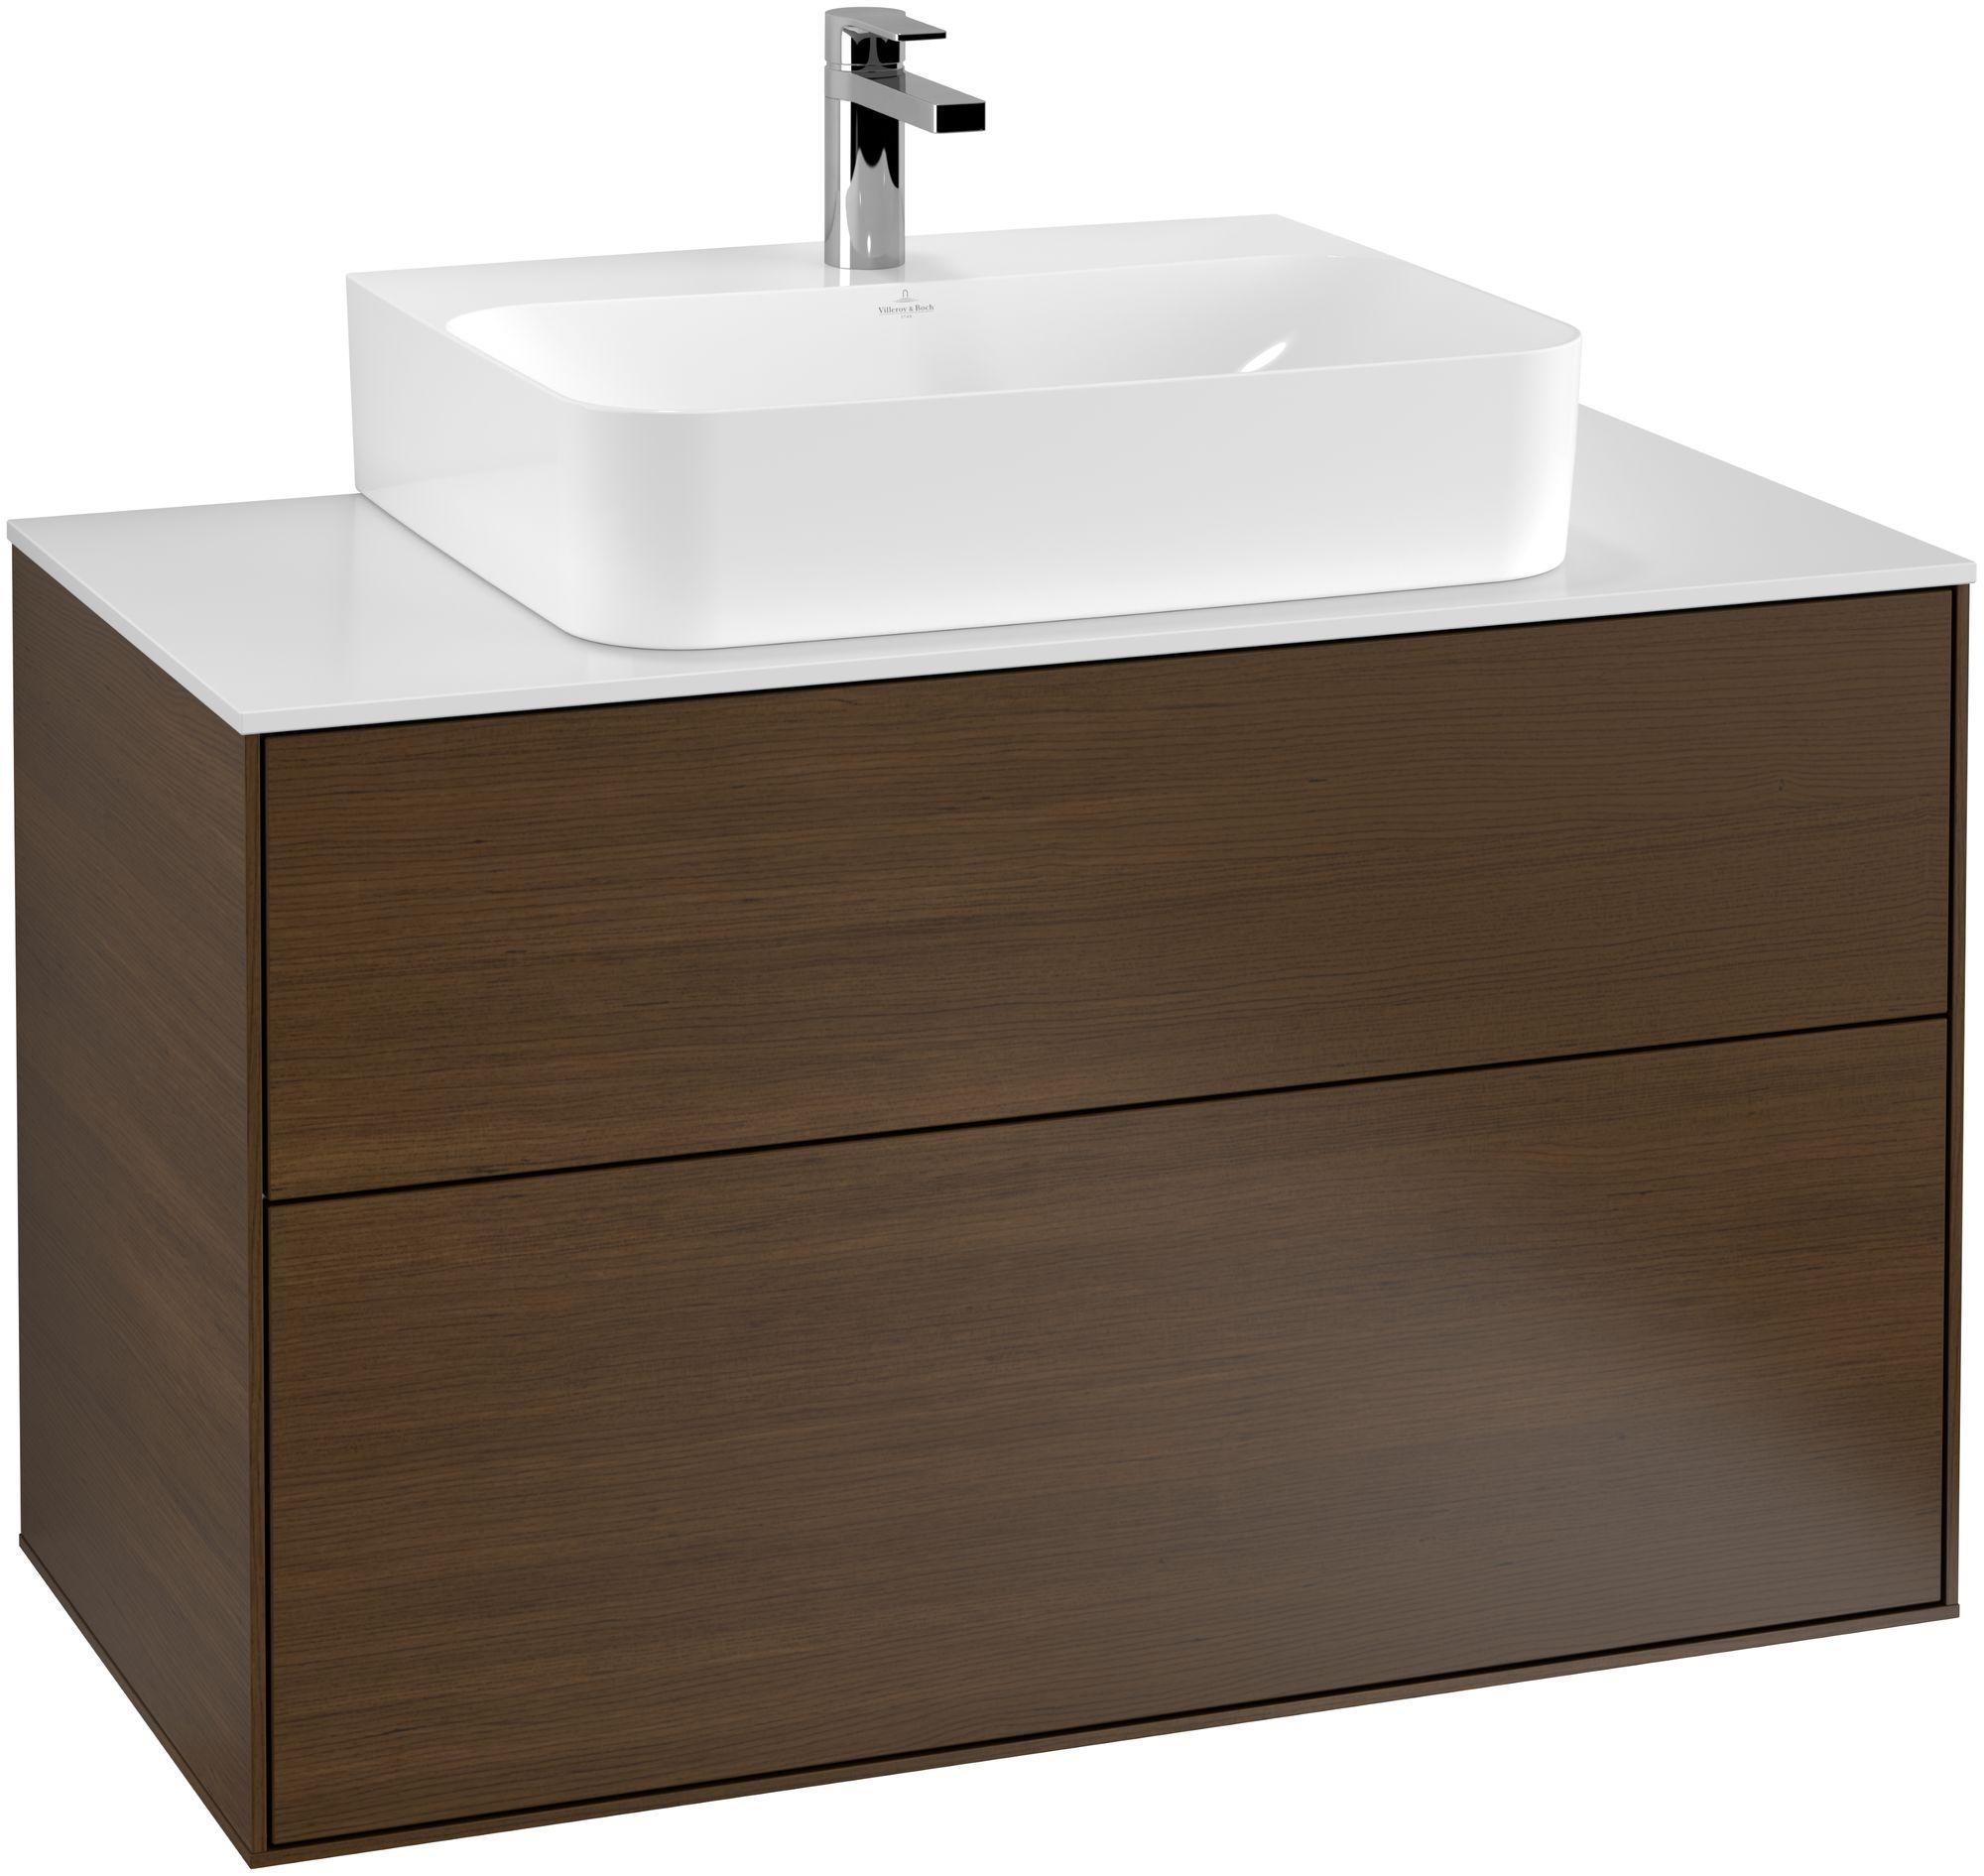 Villeroy & Boch Finion F10 Waschtischunterschrank 2 Auszüge Waschtisch mittig B:100xH:60,3xT:50,1cm Front, Korpus: Walnut Veneer, Glasplatte: White Matt F10100GN